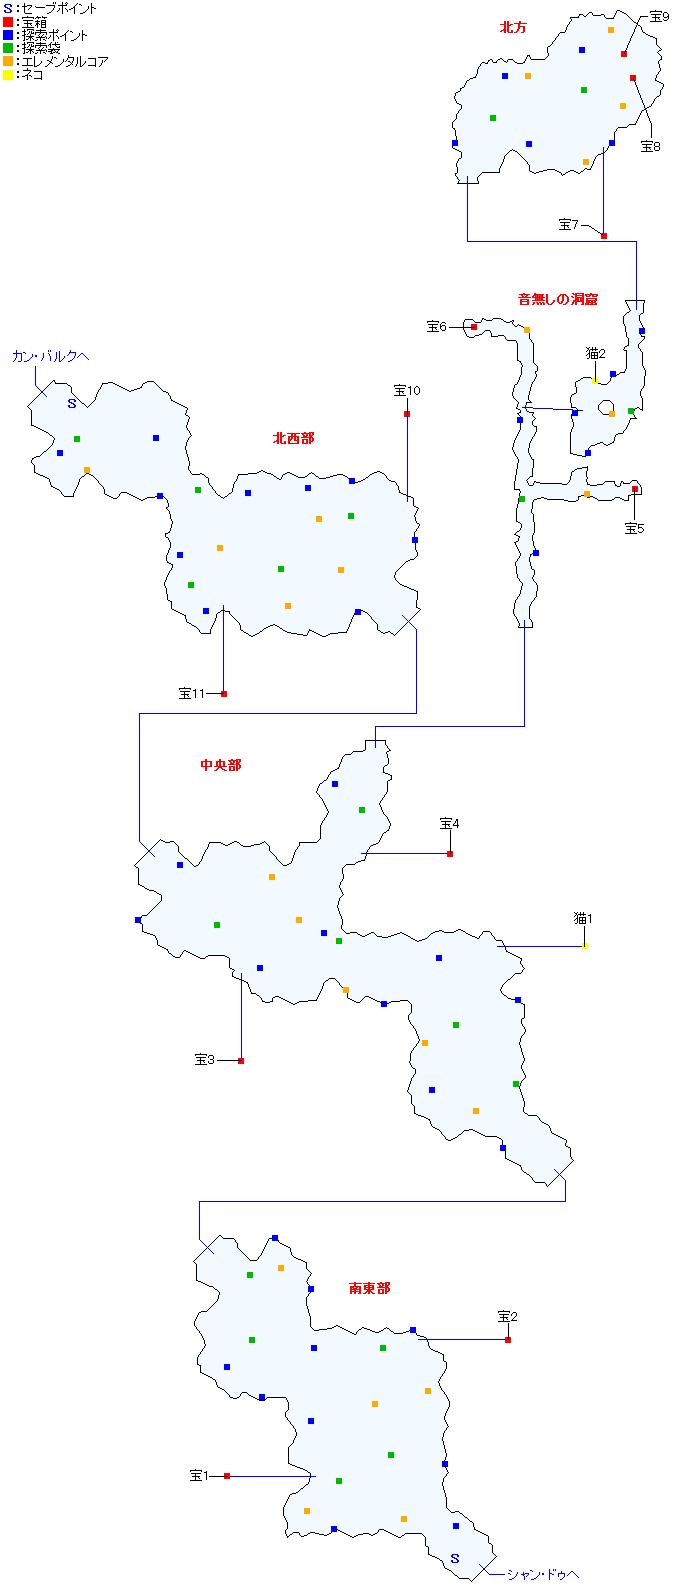 モン高原マップ